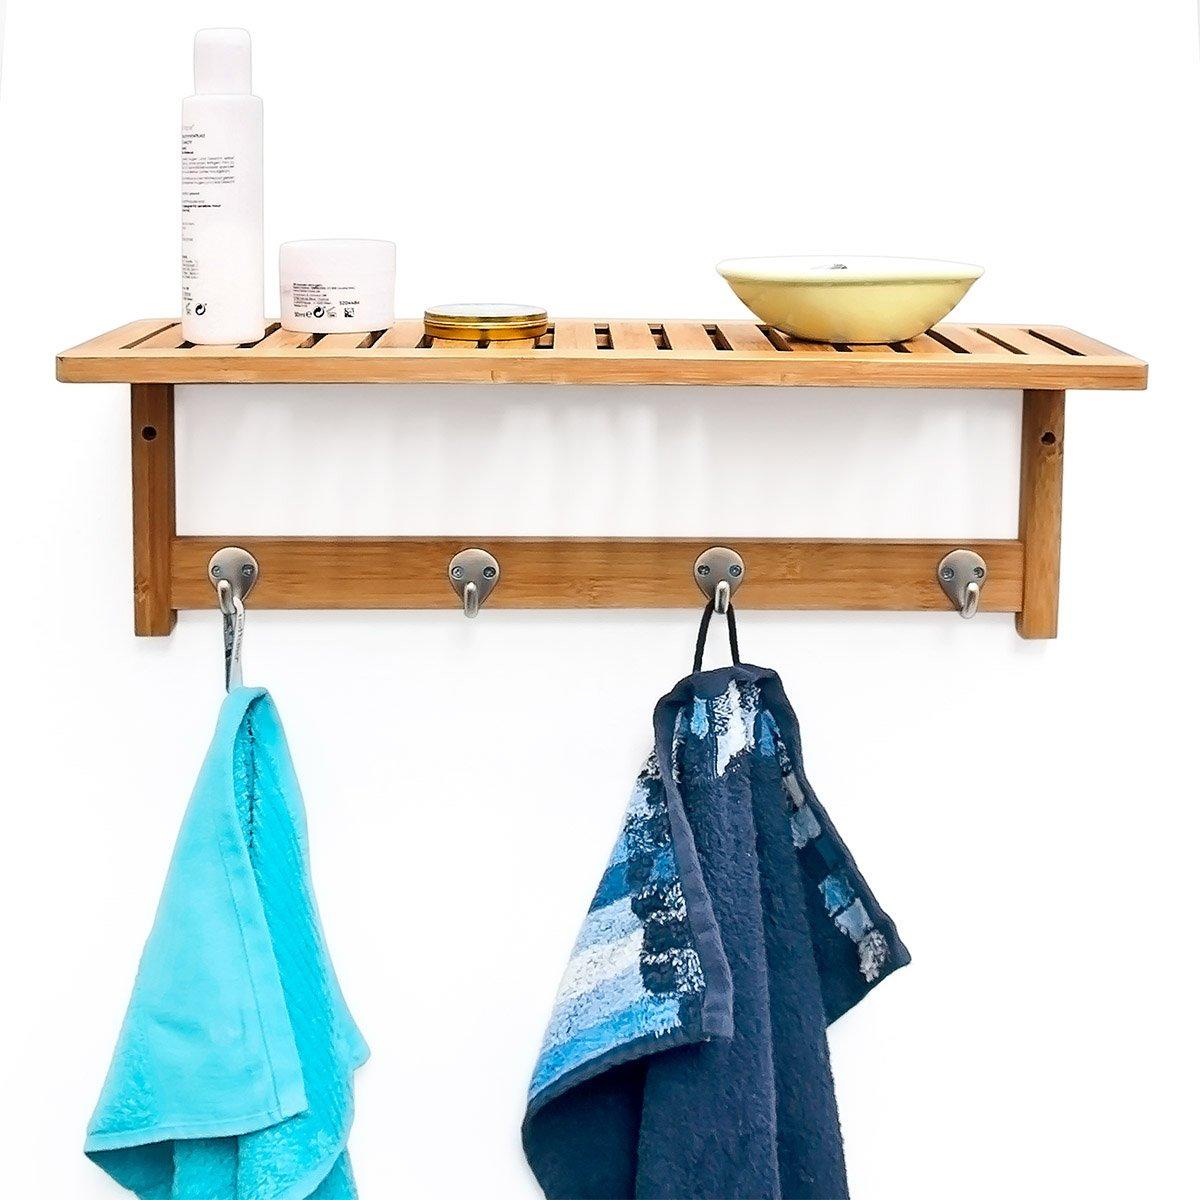 Relaxdays Wandregal mit Hakenleiste HBT 18 x 50 x 16 cm Wandgarderobe mit 4 Haken und Ablage als Badregal mit Handtuchhalter aus Bambus Holz Wandhandtuchhalter als Garderobe f/ür Diele und Bad natur